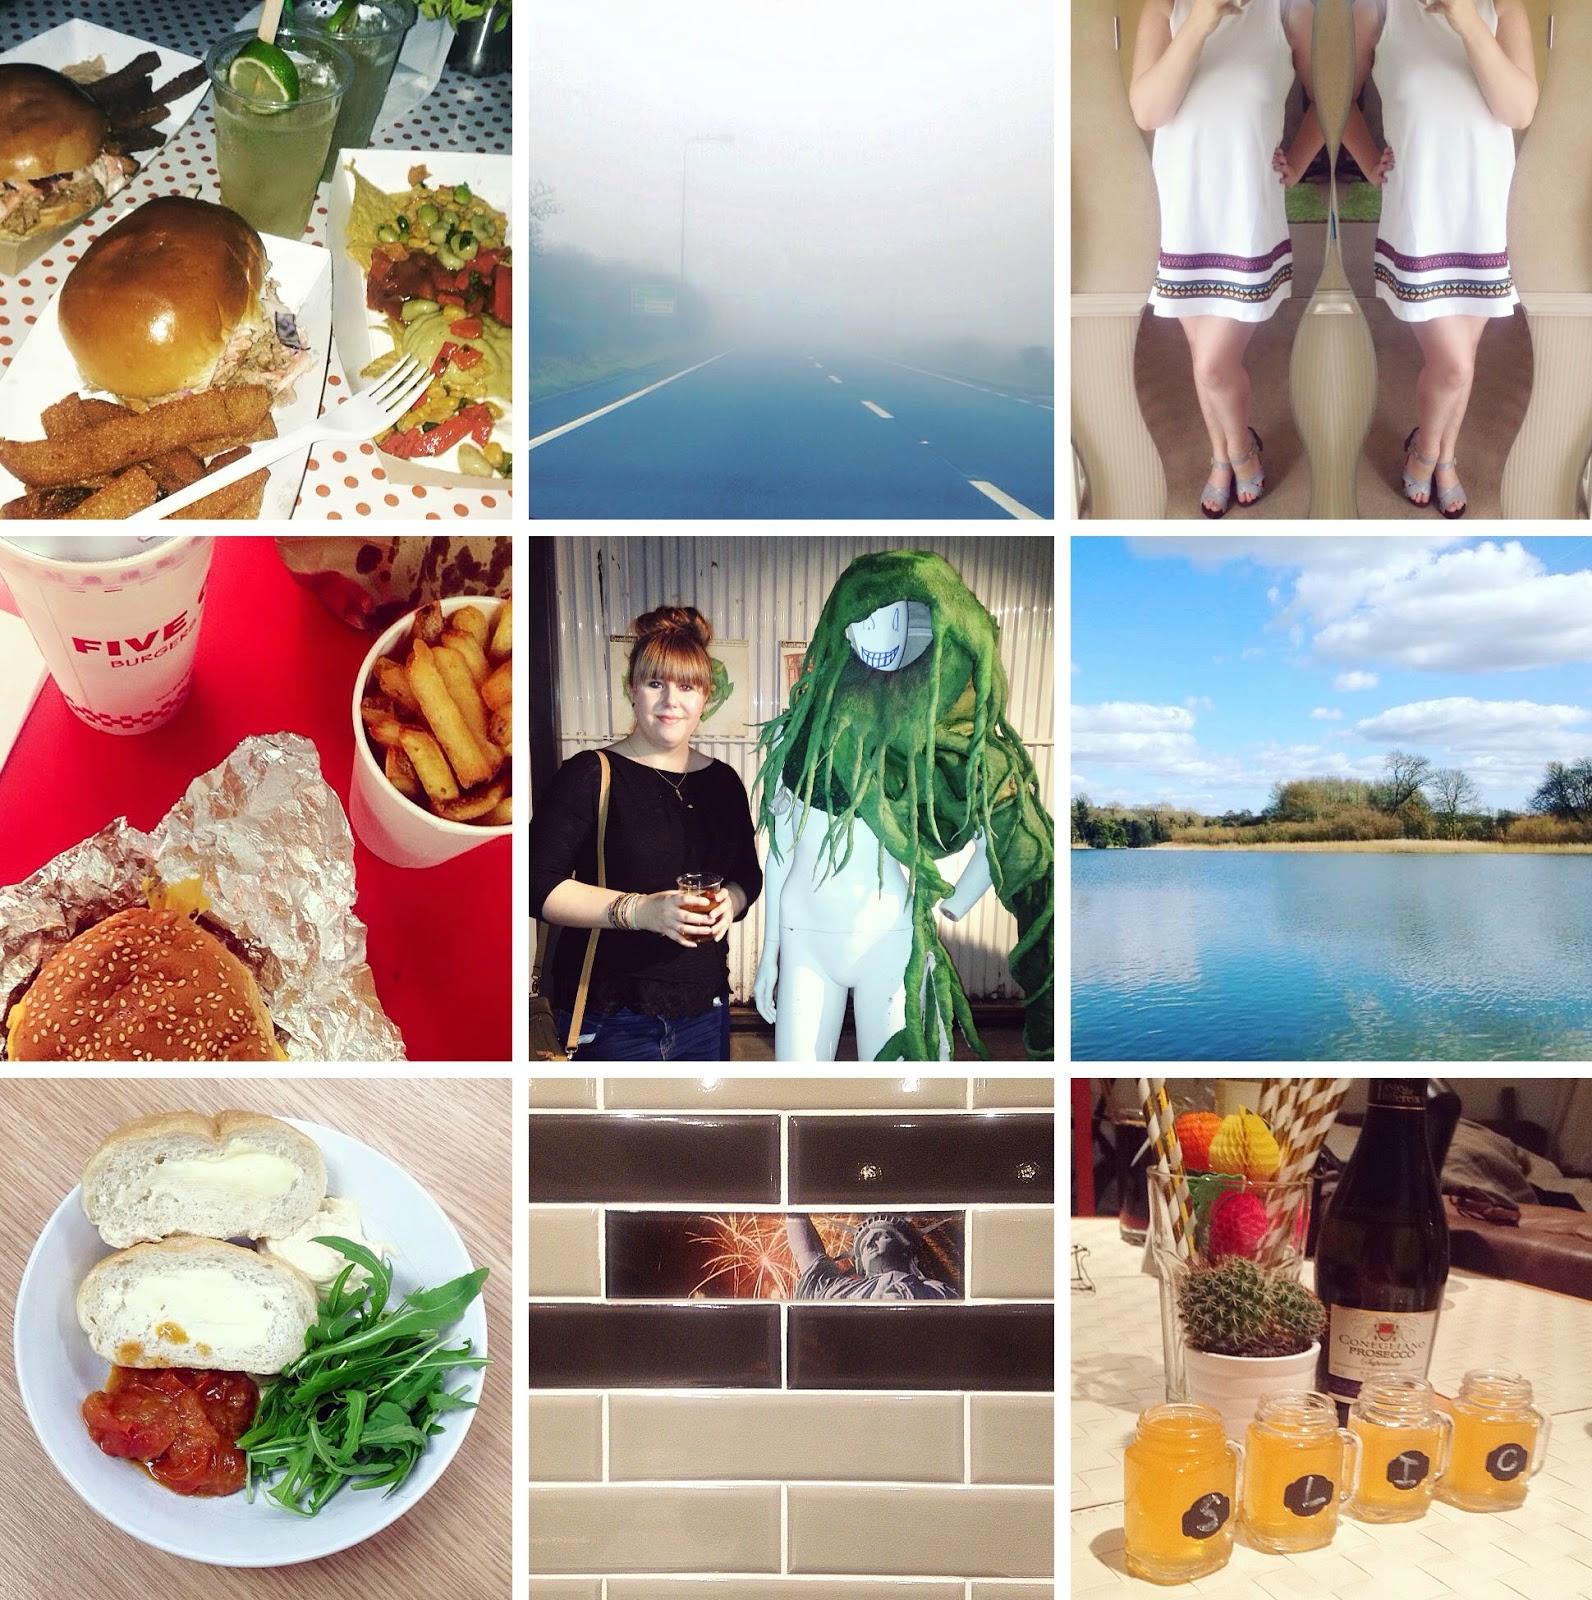 Formidable Joy - UK Fashion, Beauty & Lifestyle blog | Personal | Instagram & Life Lately; Formidable Joy; Formidable Joy Blog